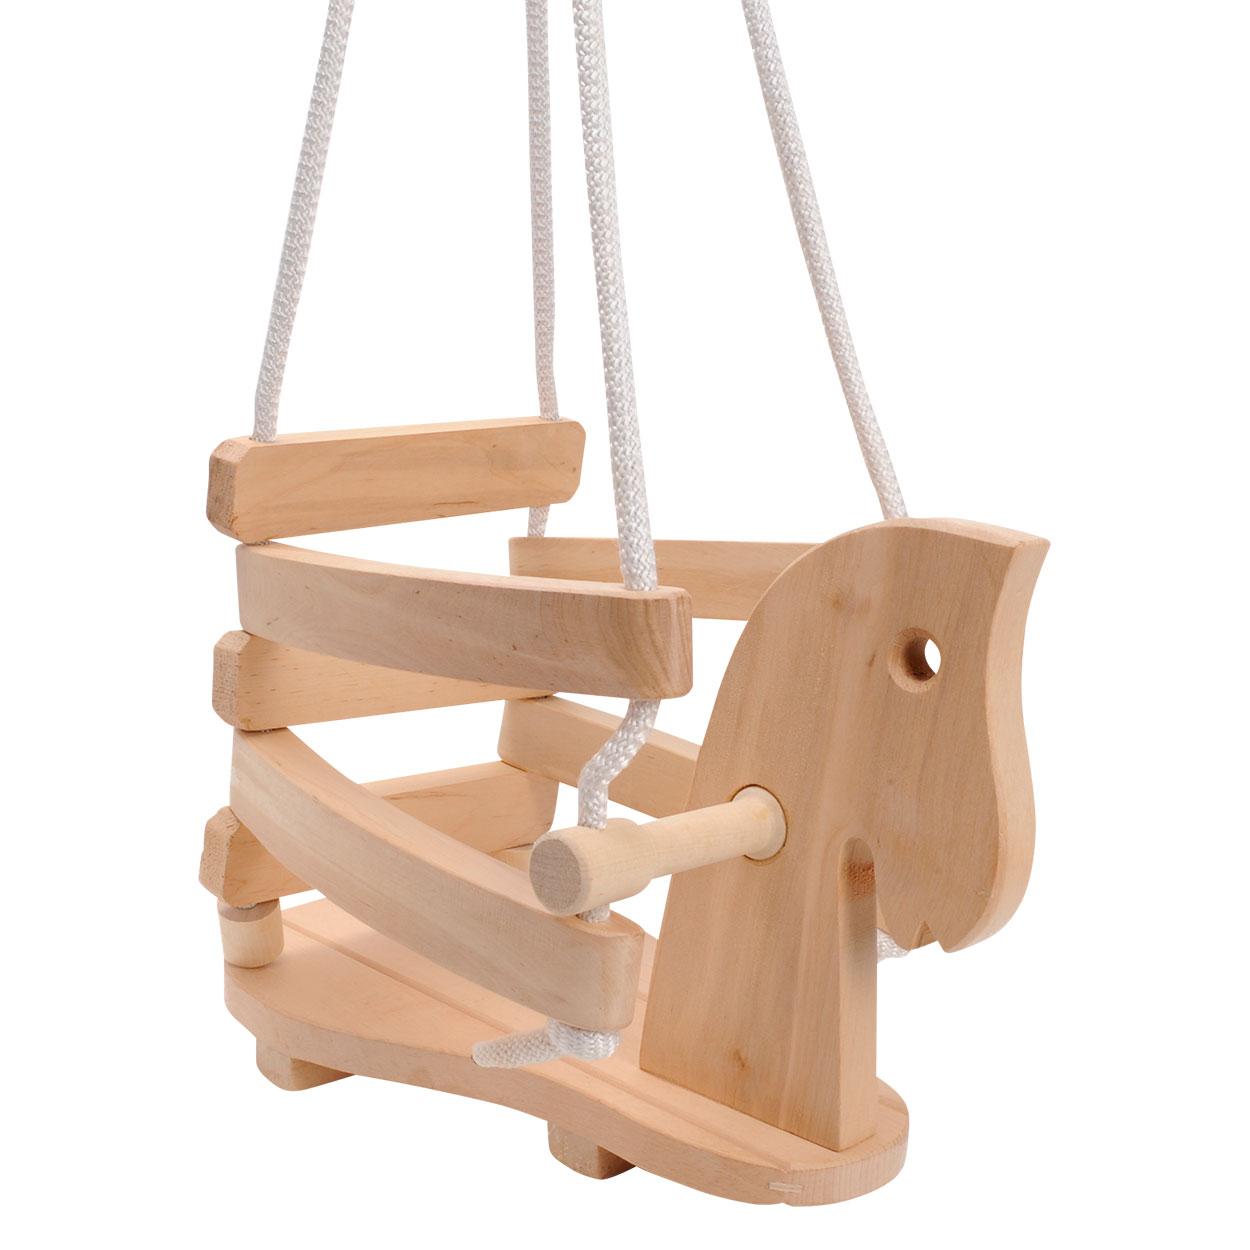 Schommel Baby Hout.Houten Schommel Paard Online Kopen Lobbes Nl